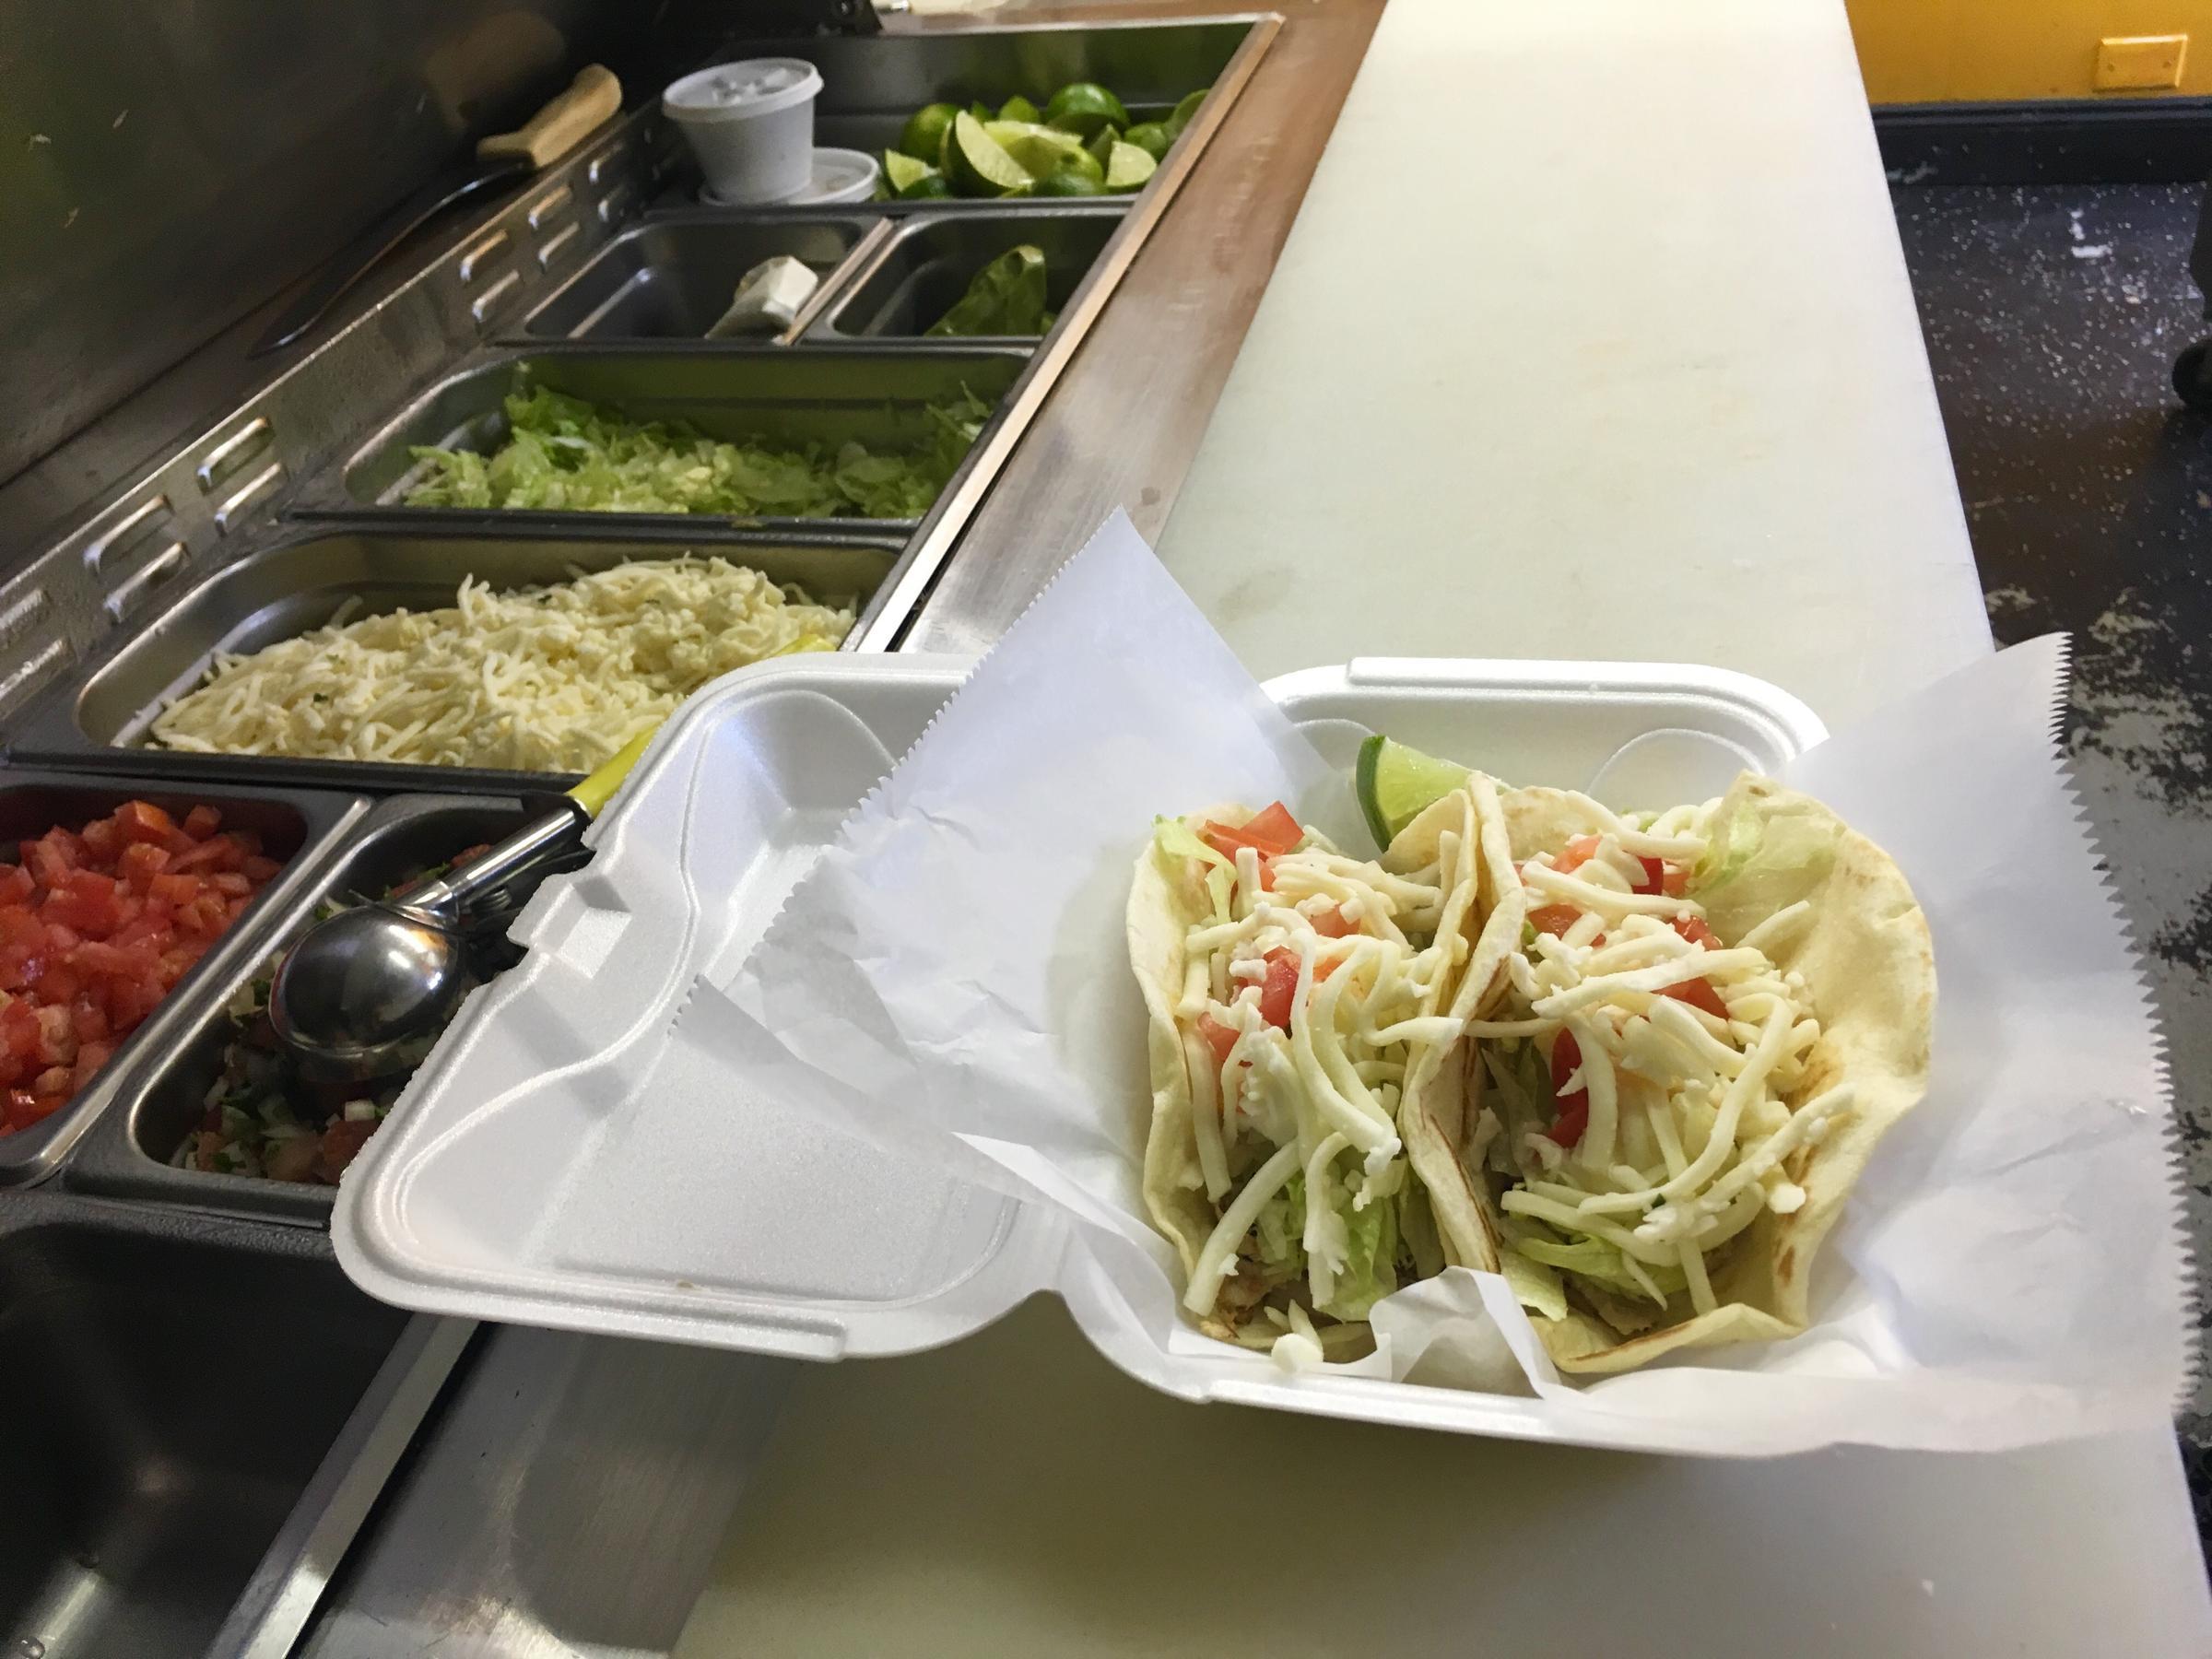 Jacksonville Restaurants Offer Vegan Options Grow Their